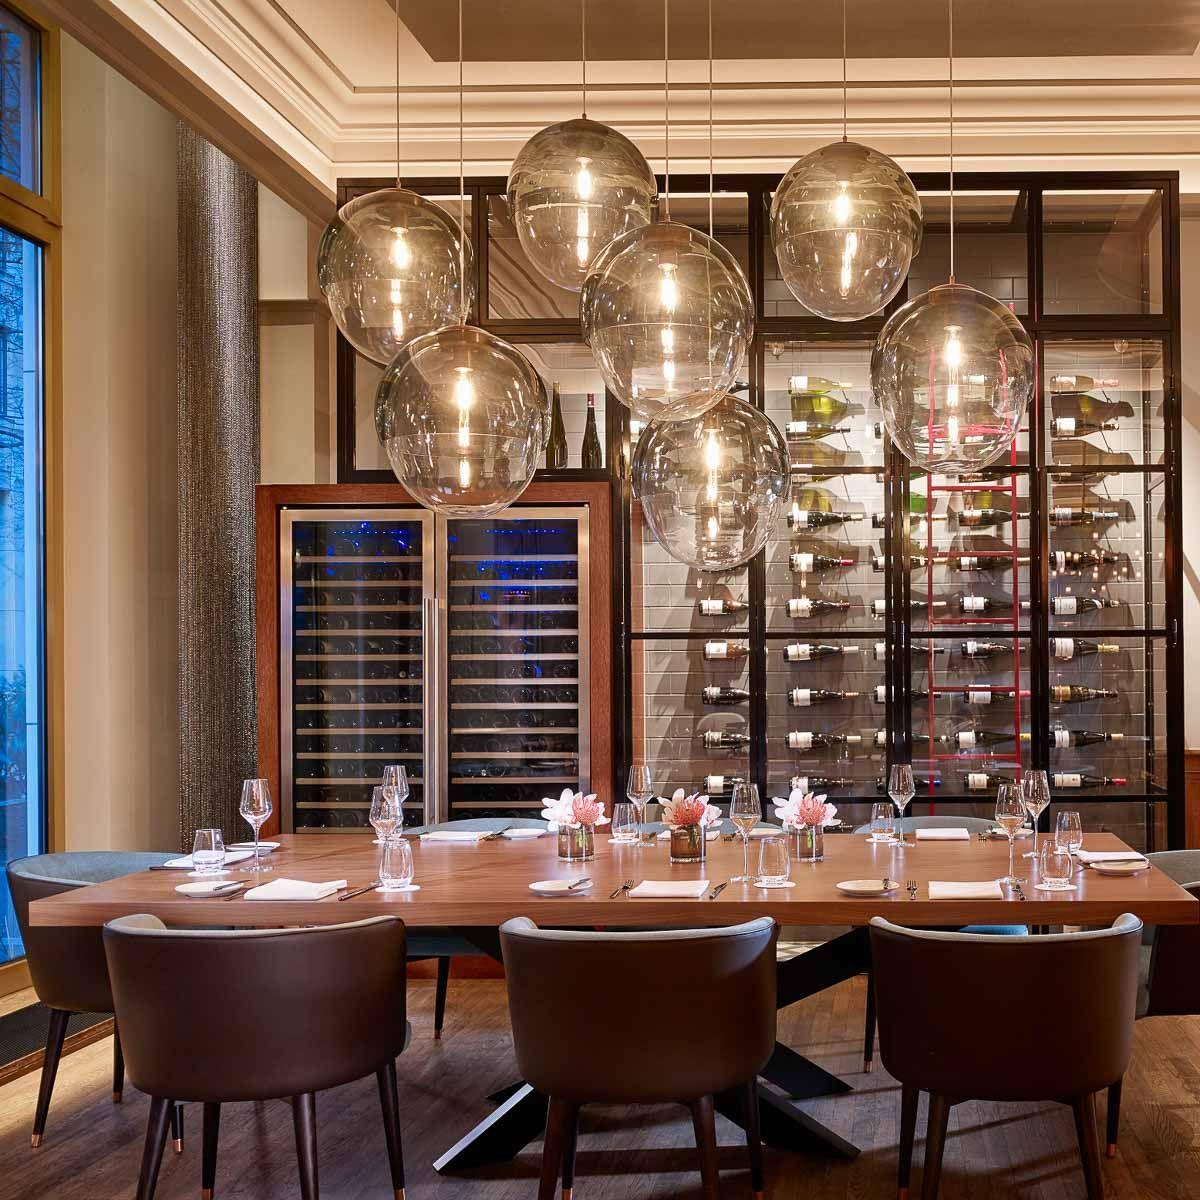 Restaurant Pots Im Ritz Carlton Berlin Creme Guides Restaurant Regionale Kuche Luxushotel